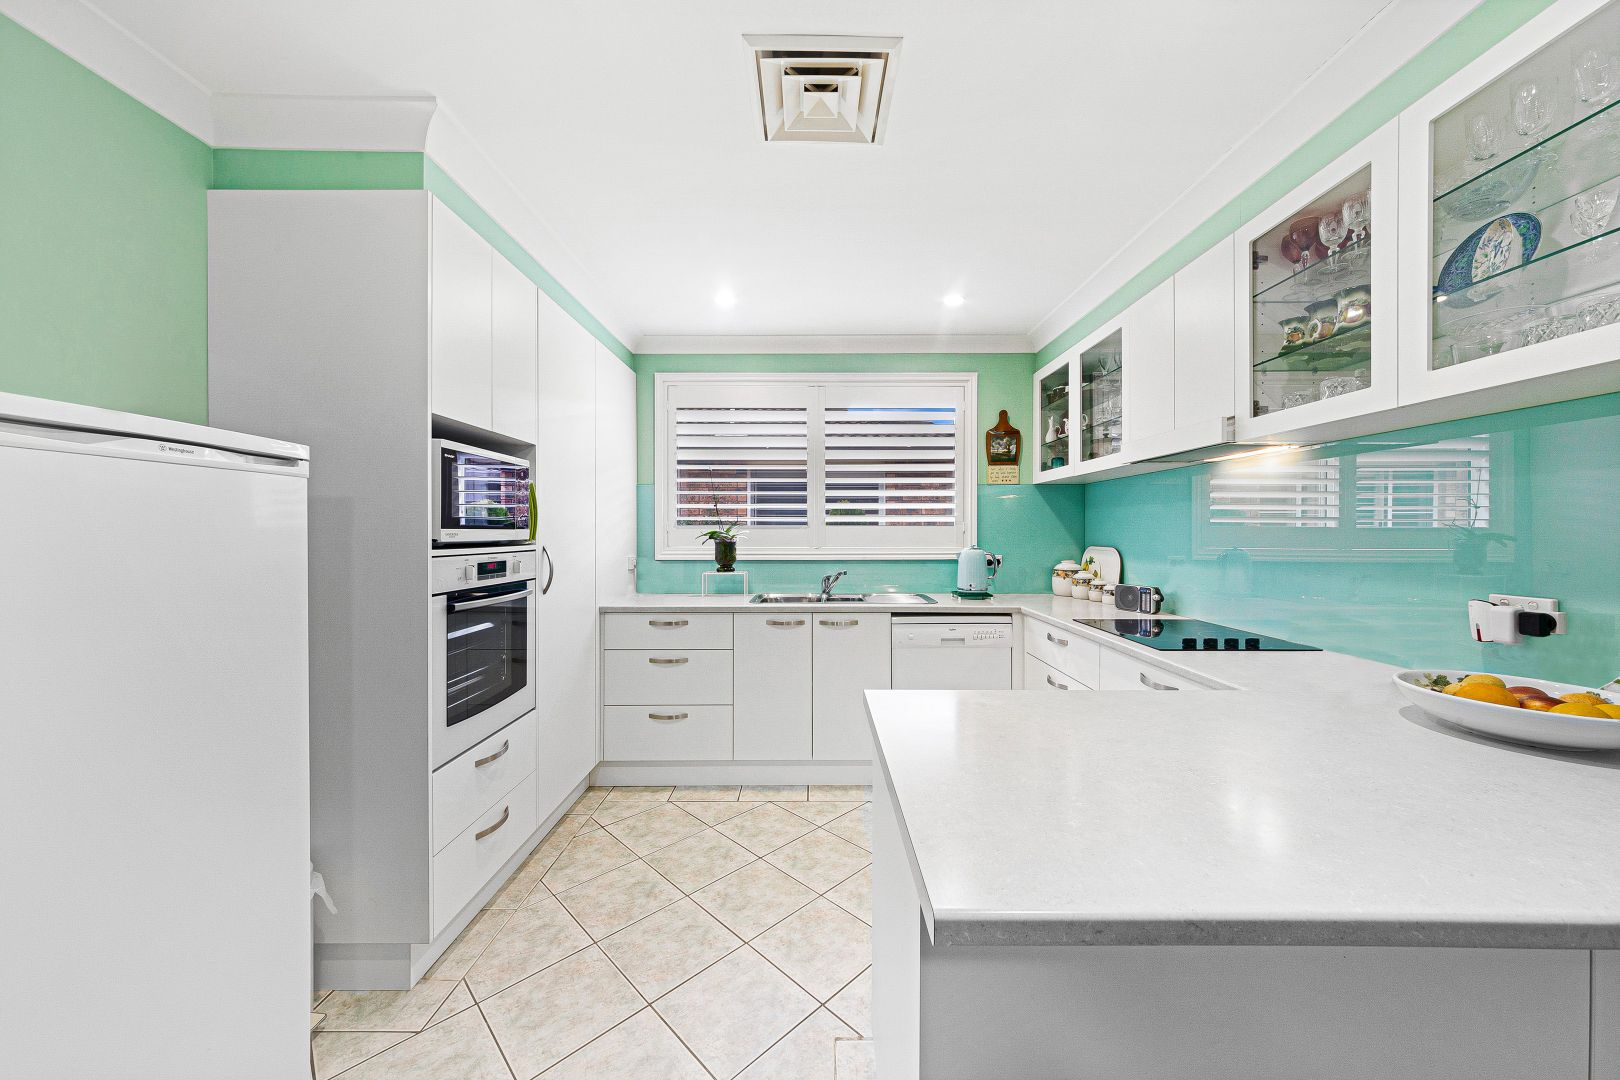 2/4 Rothwell Street, Woy Woy NSW 2256, Image 1